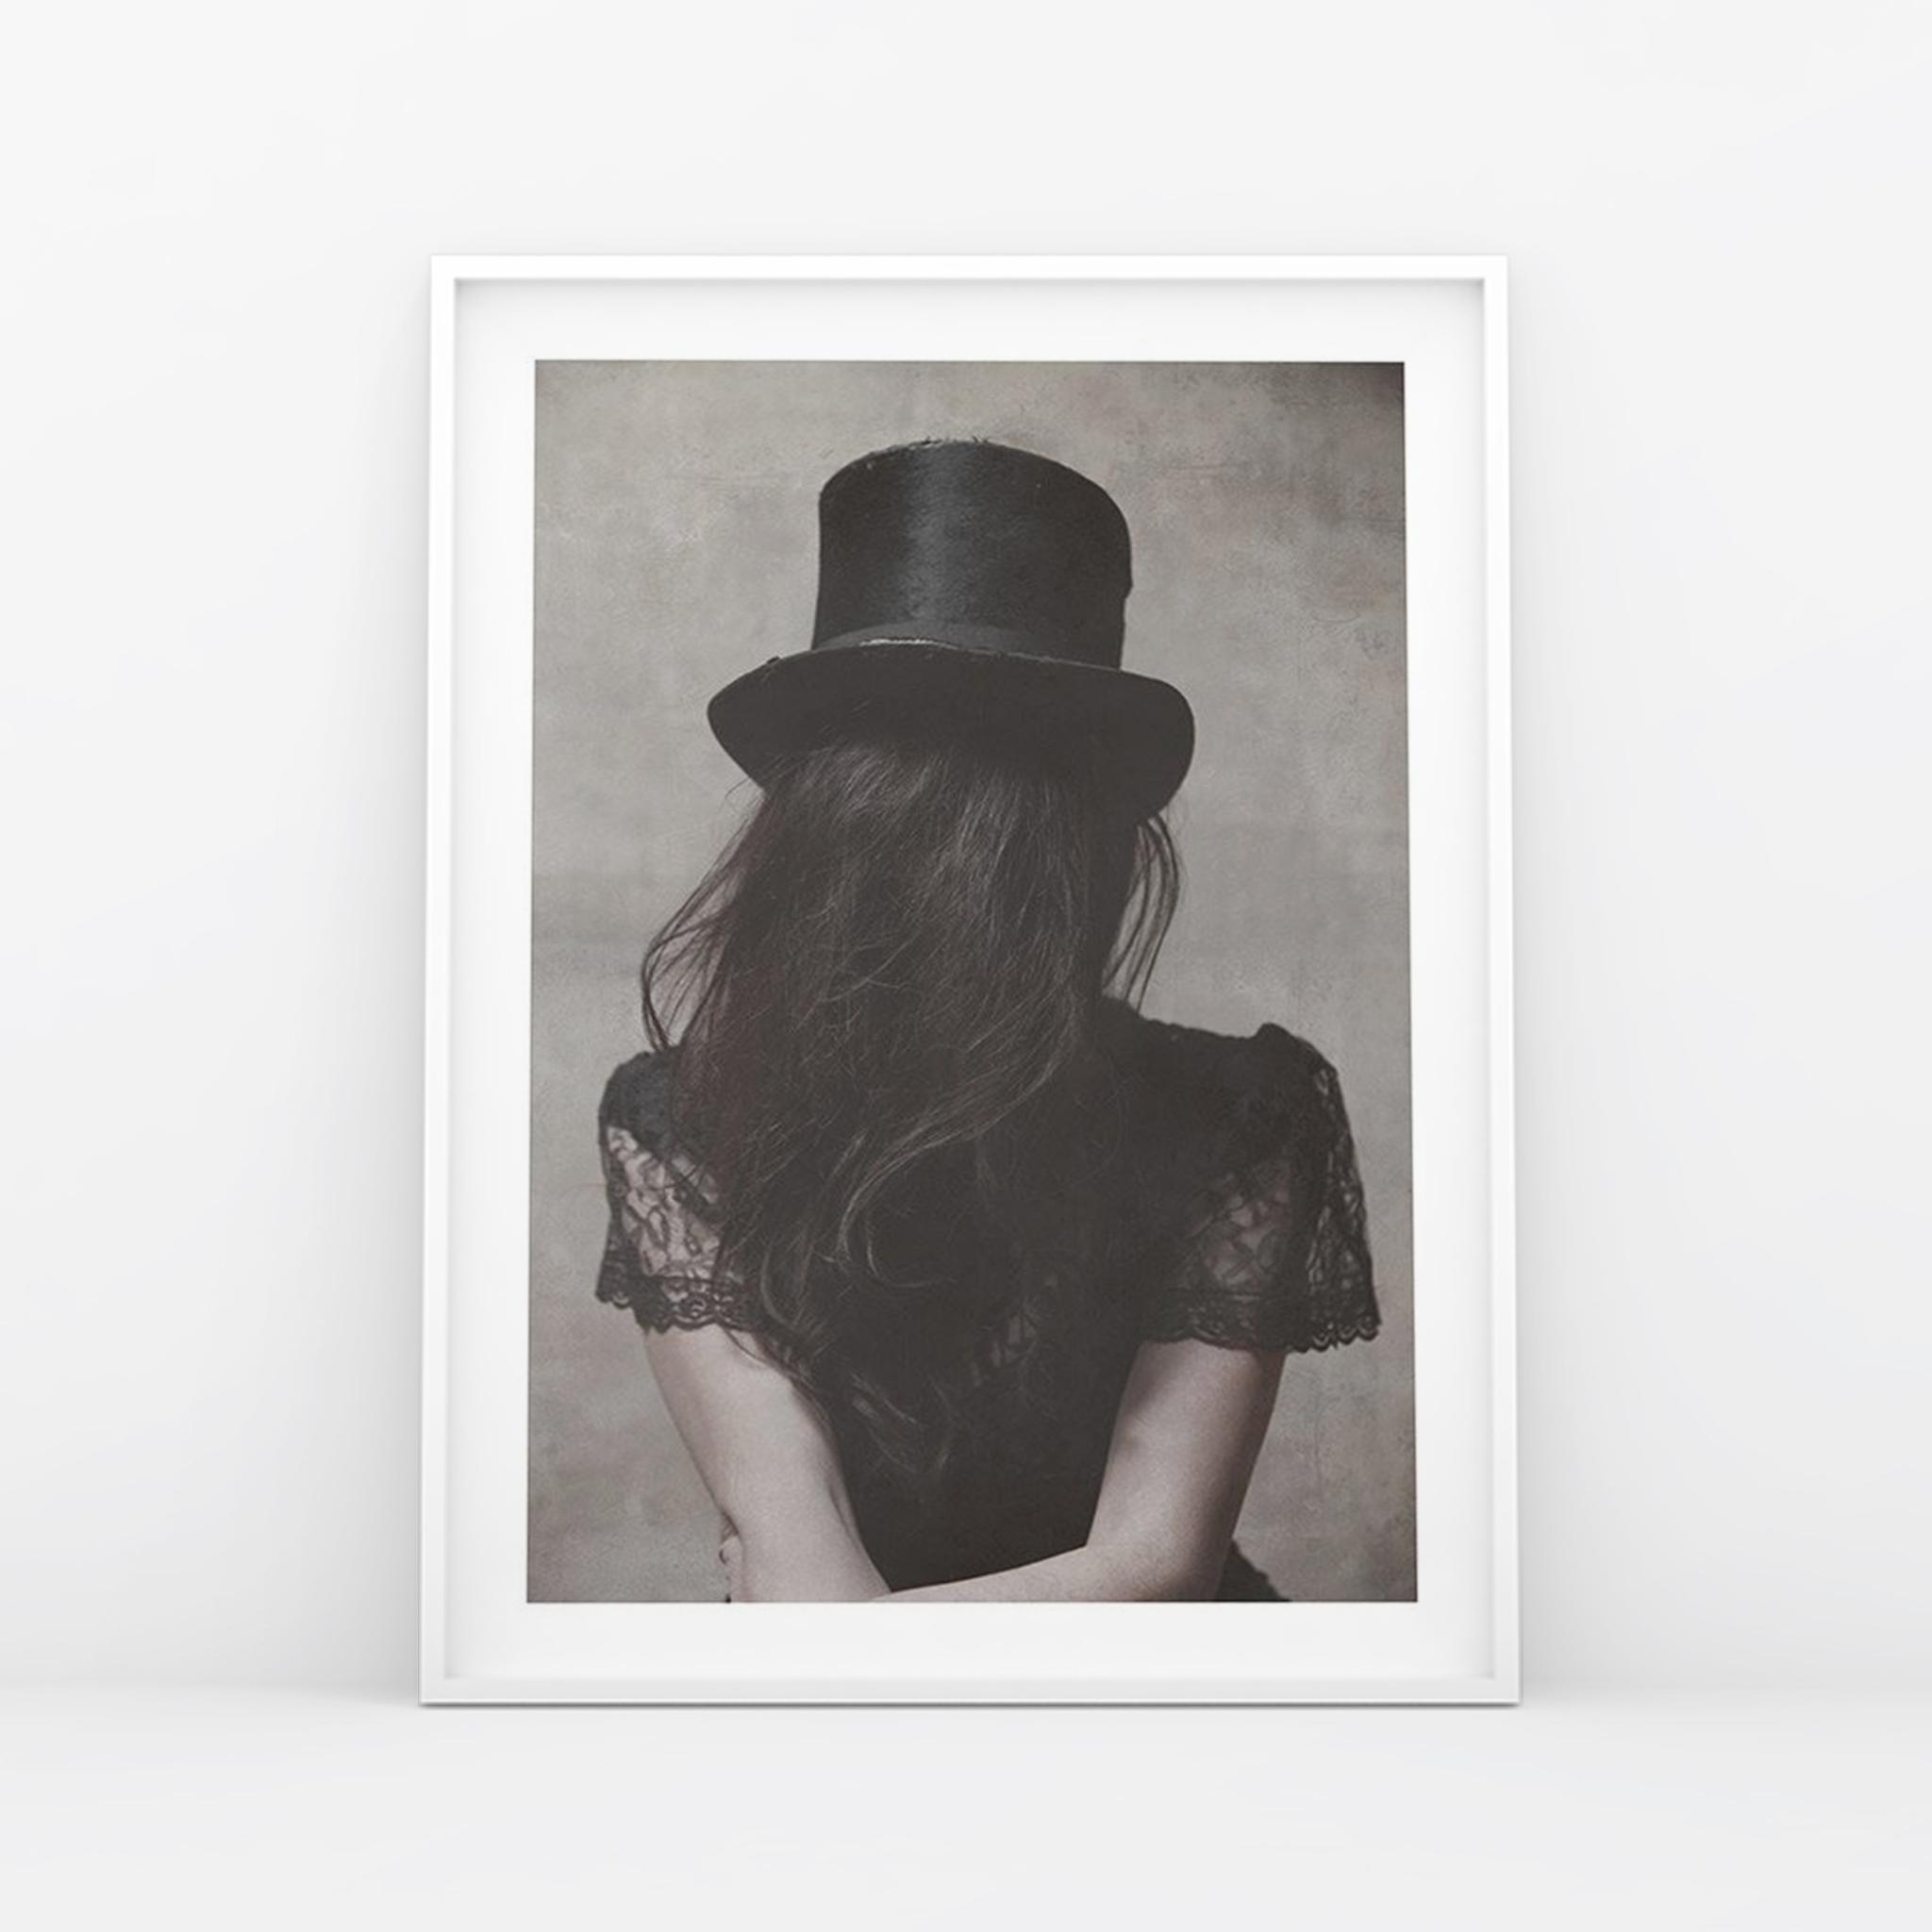 Zdjęcie kobiety odwróconej tyłem plakat